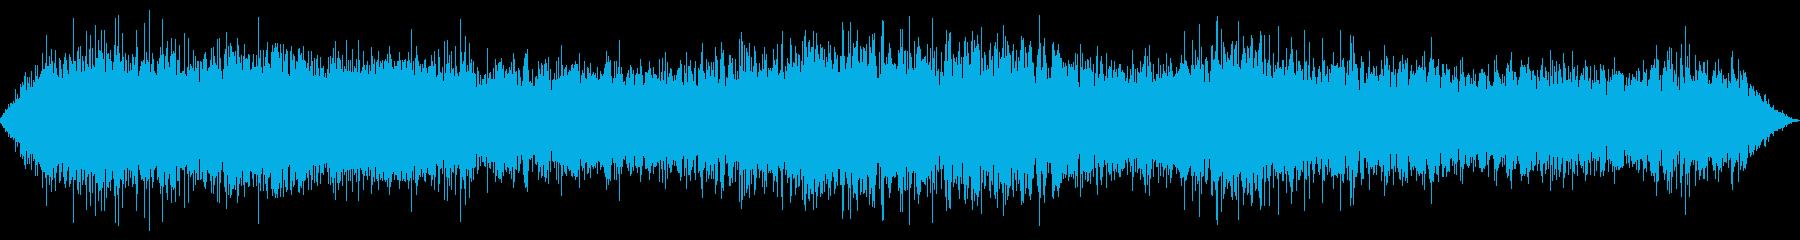 ヘリコプター着陸(4枚羽根)の再生済みの波形